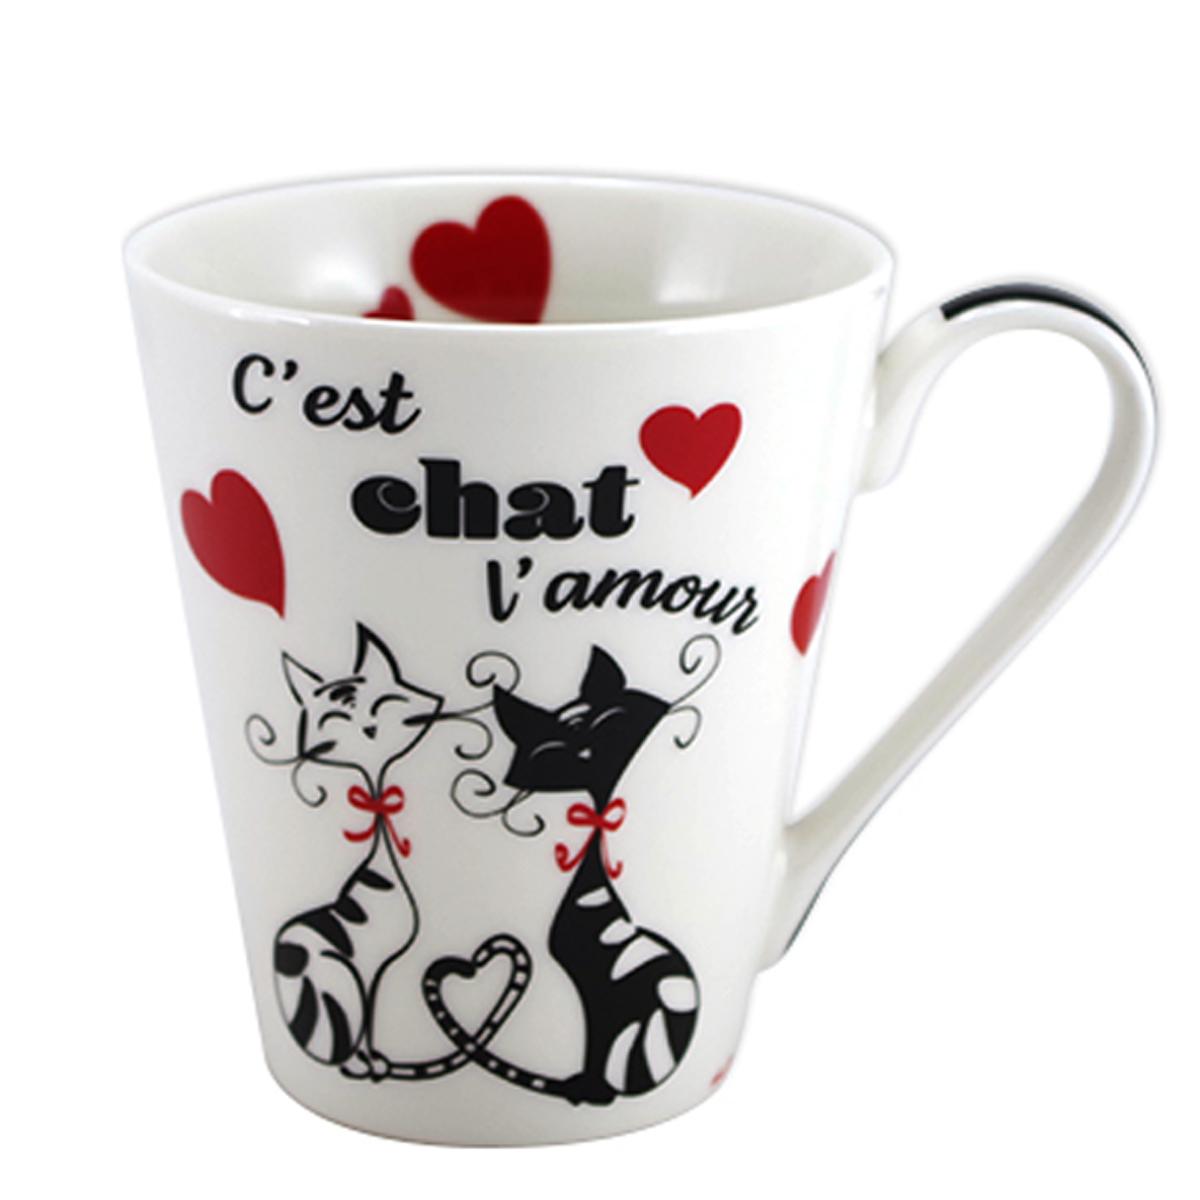 Mug porcelaine \'Chats\' rouge noir blanc (c\'est chat l\'amour) - 10x85 cm (325 cl) - [A1910]